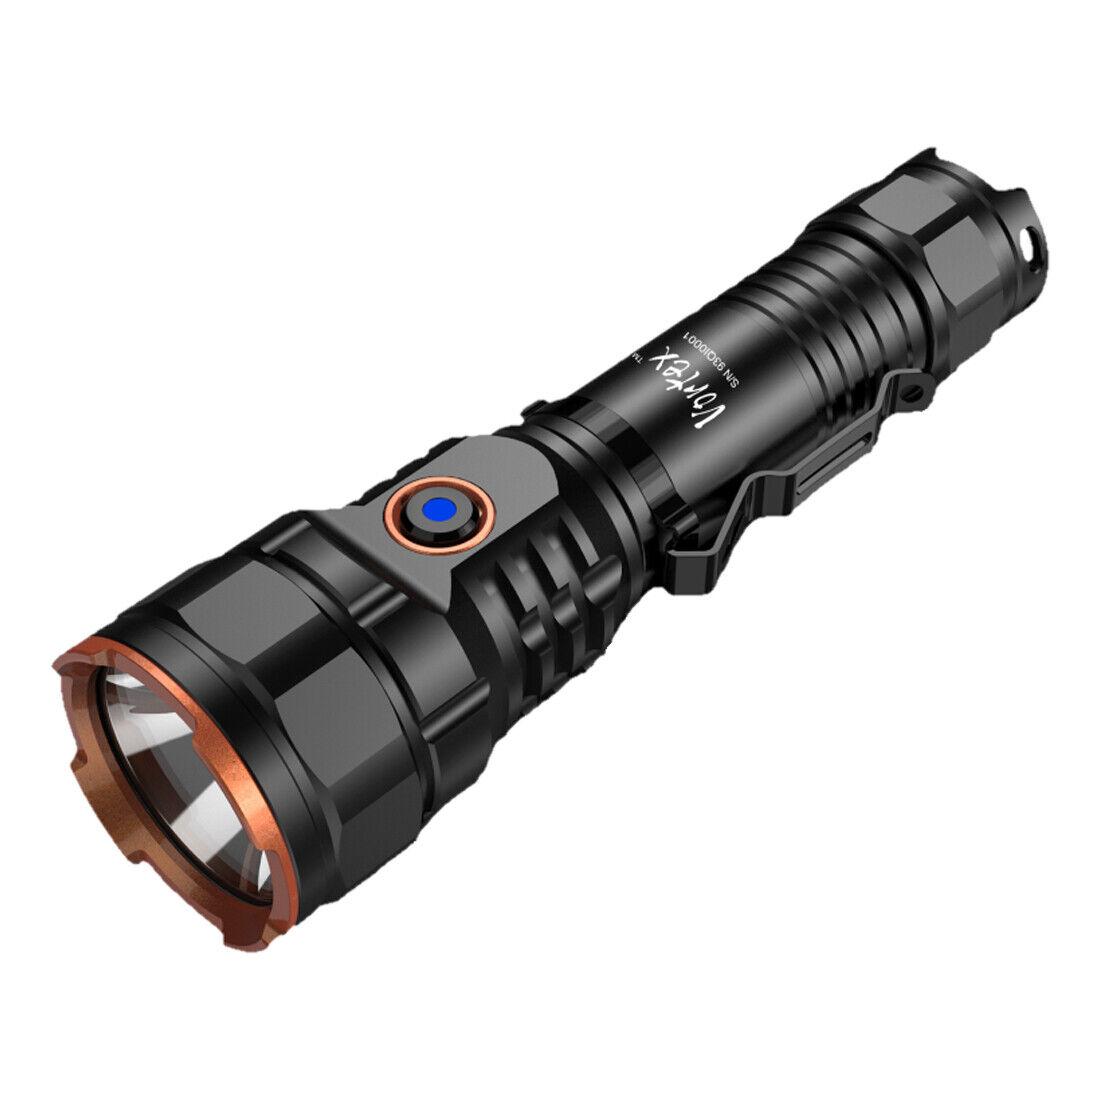 VORTEX Taschenlampe mit Akku - dimmbar - vers edene Modi - max. 4200 Lumen